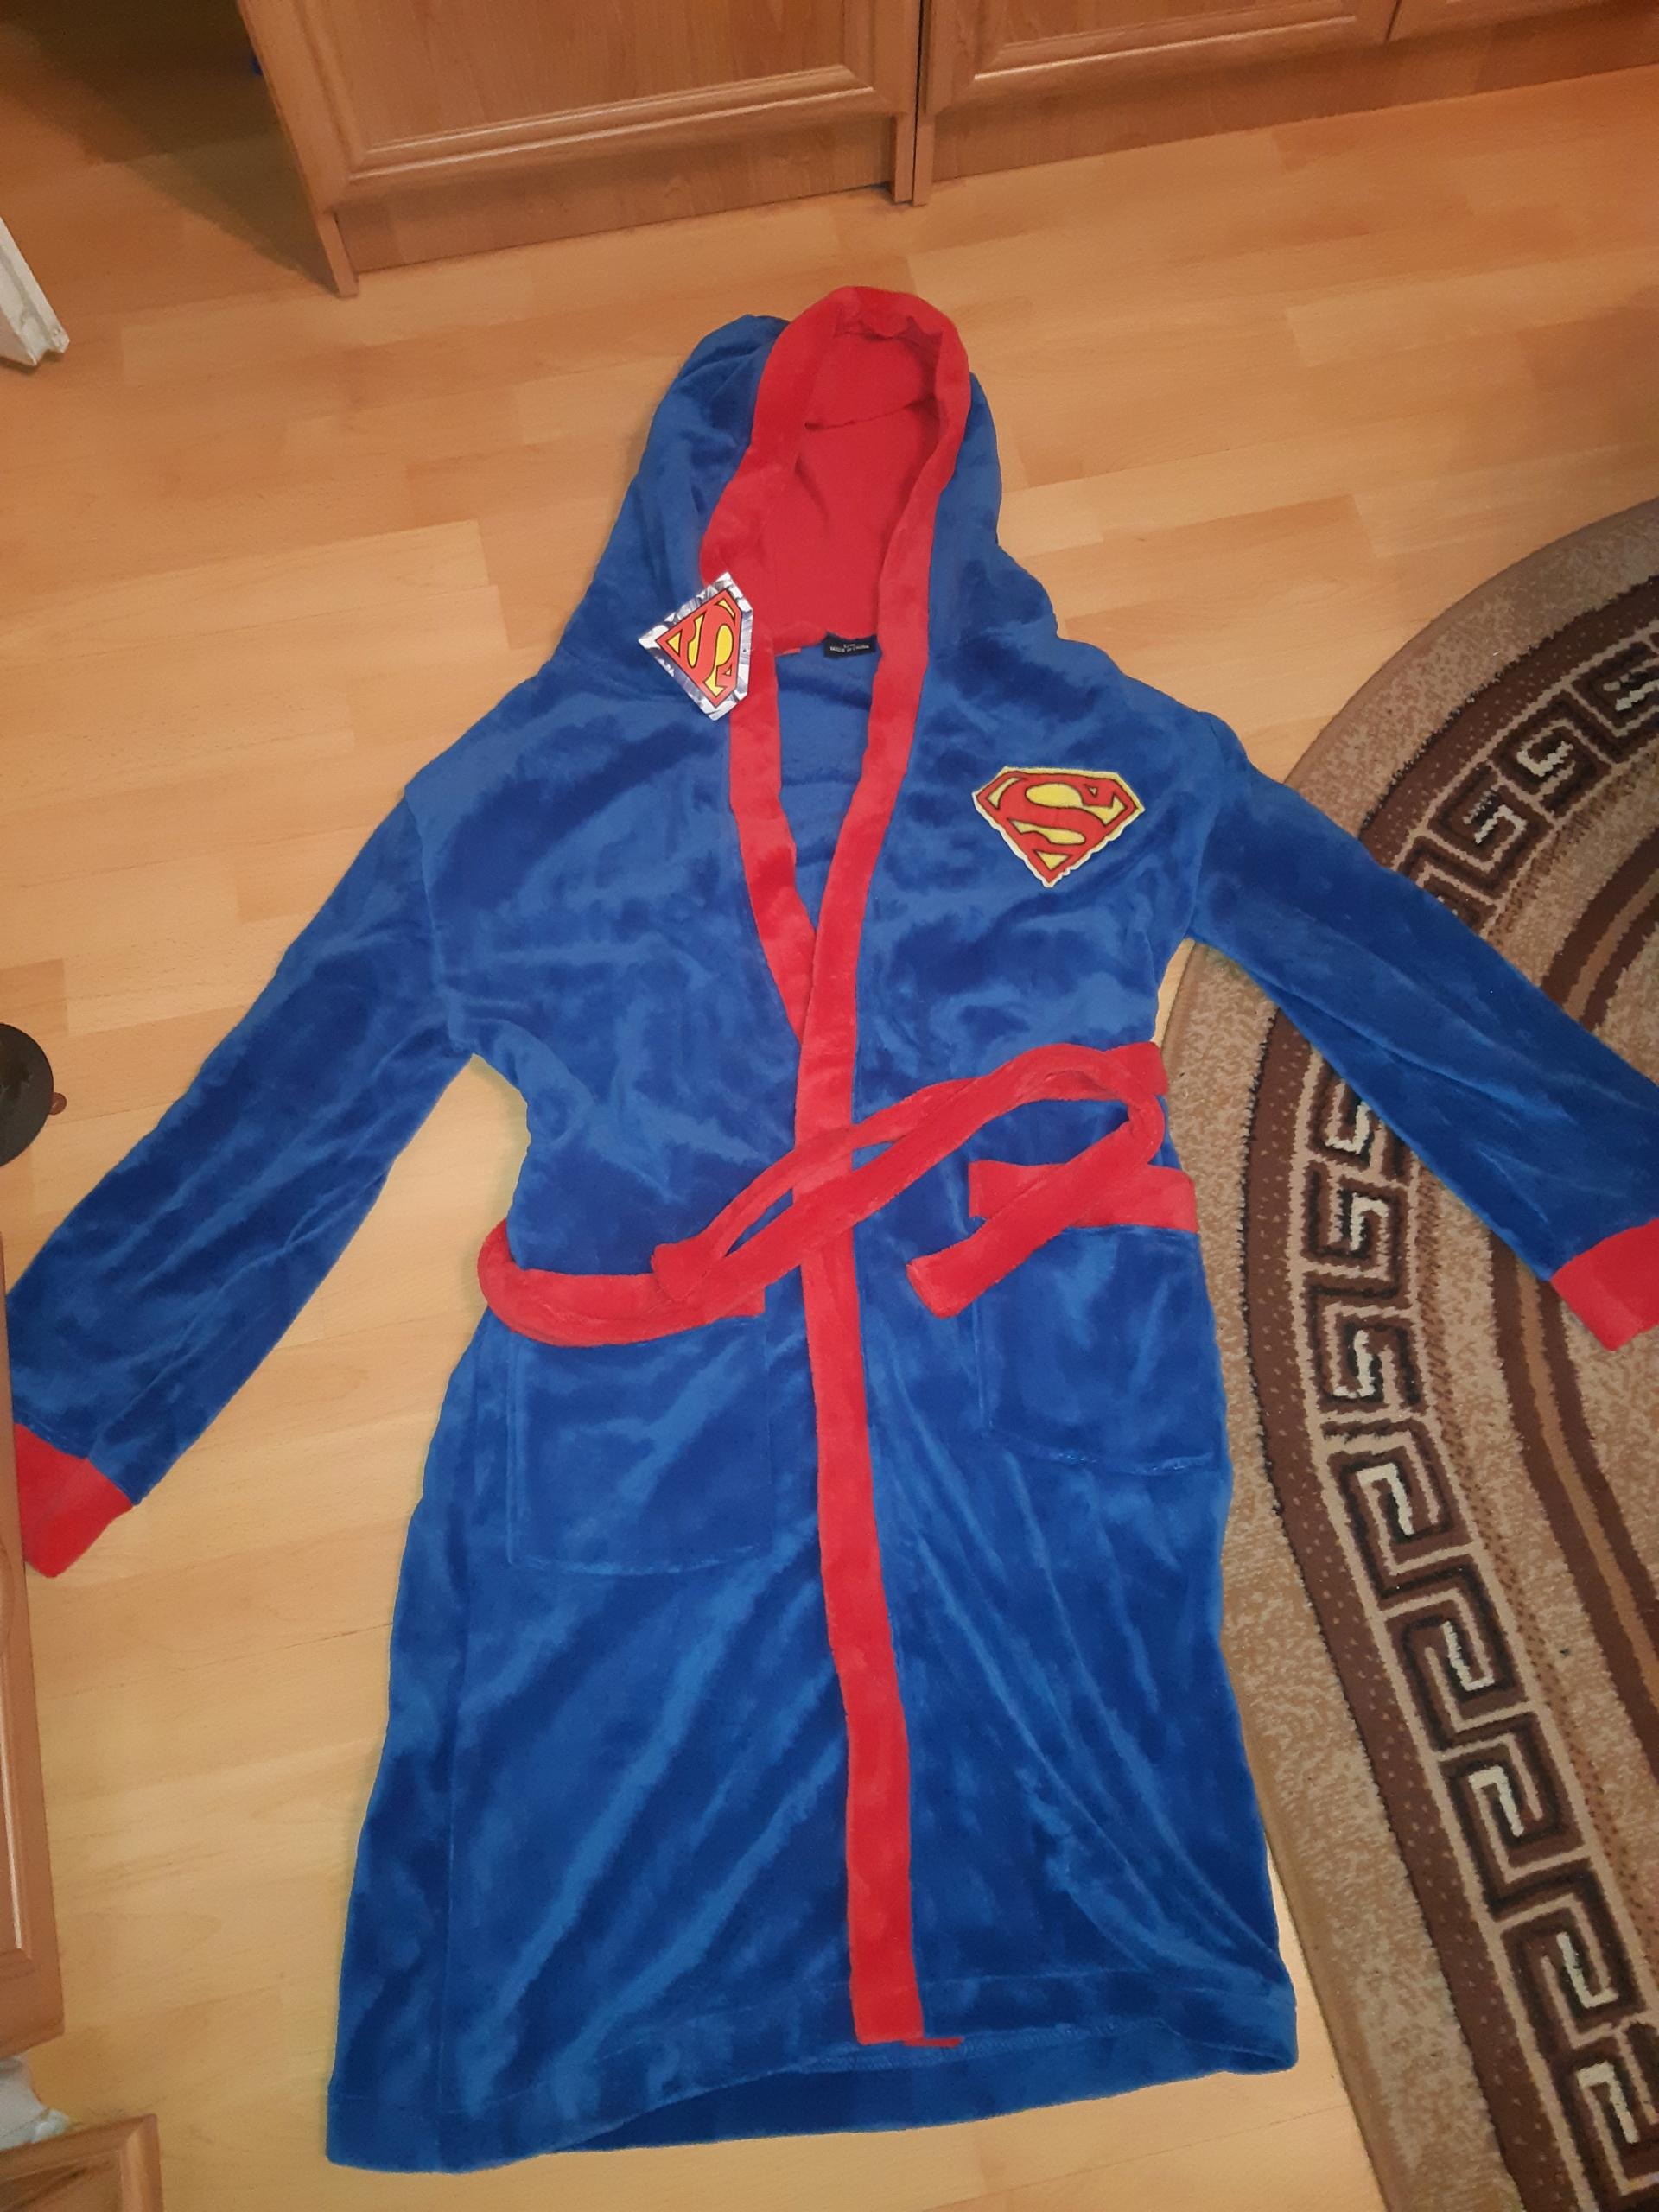 MĘSKI SZLAFROK SUPERMAN ROZ. L/XL NAJTANIEJ KRAKÓW